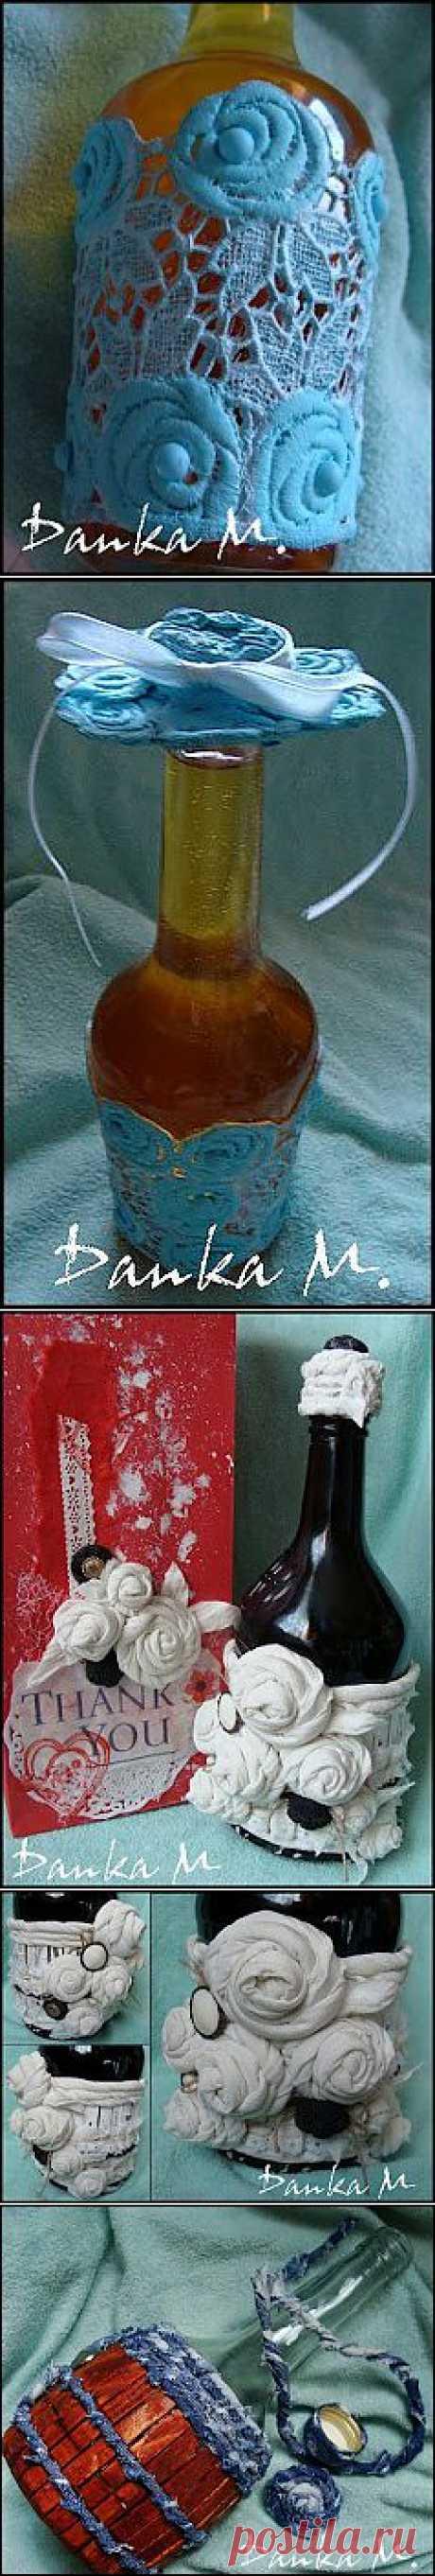 Декорирование бутылок отходами ткани и кружевом.   ШТОРЫ, ЛАМБРЕКЕНЫ, ДОМАШНИЙ ТЕКСТИЛЬ СВОИМИ РУКАМИ